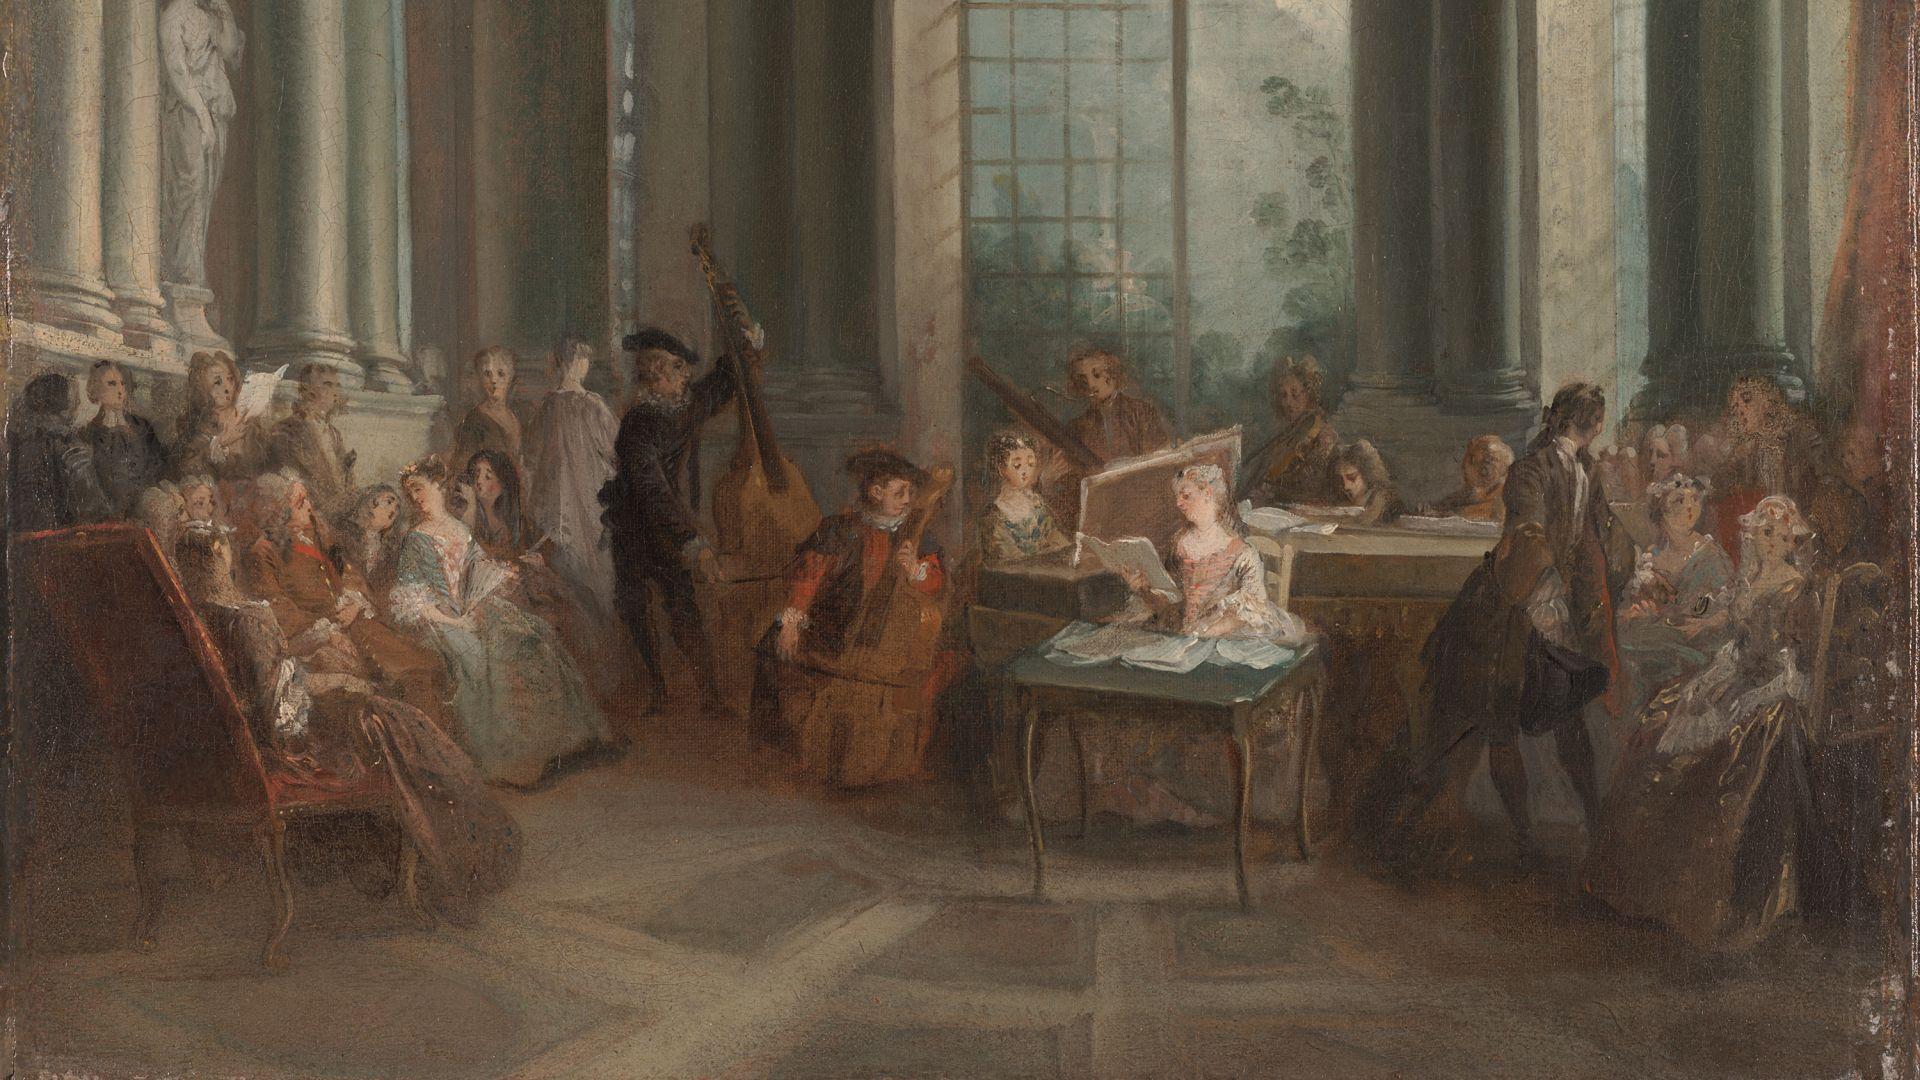 Petit concert dans le salon de Pierre Crozat, six musiciens. Peinture de Lancret.